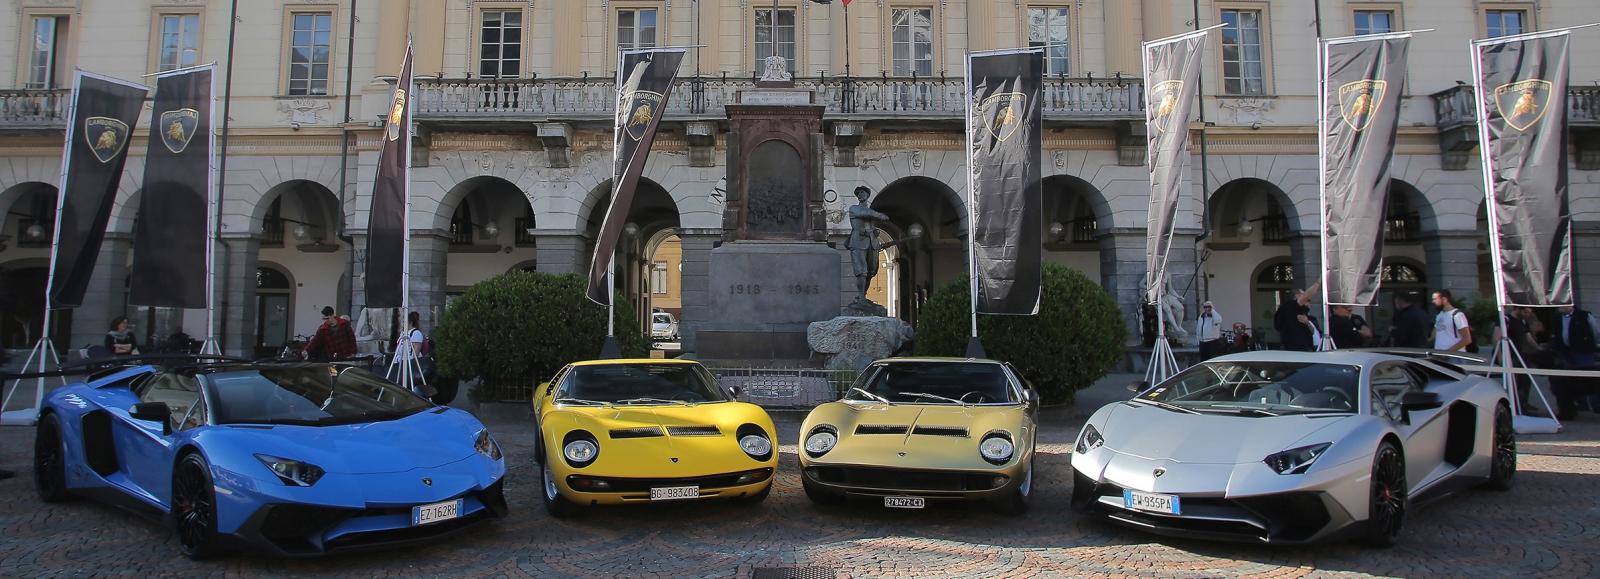 The Lamborghini Miura Celebrates Its 50th Anniversary On The Roads